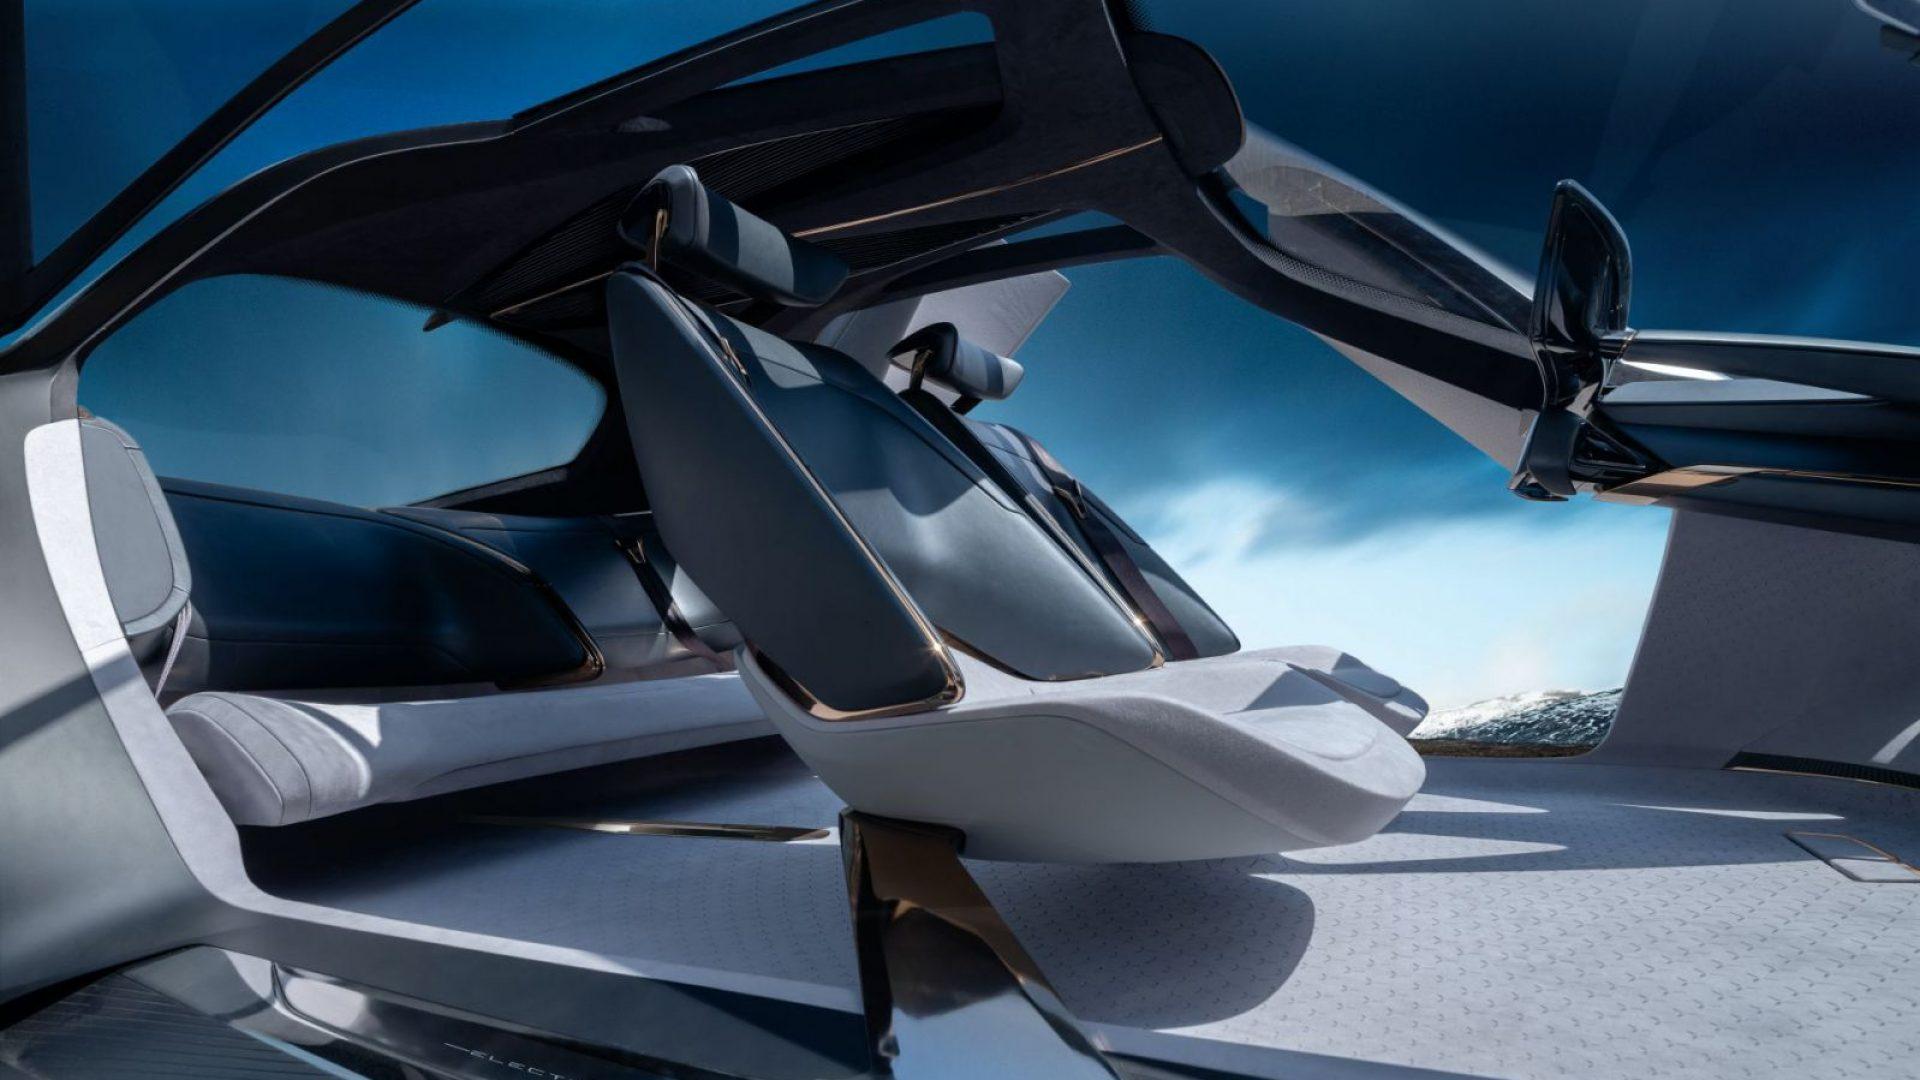 2020-Buick-Electra-Concept-Interior-08